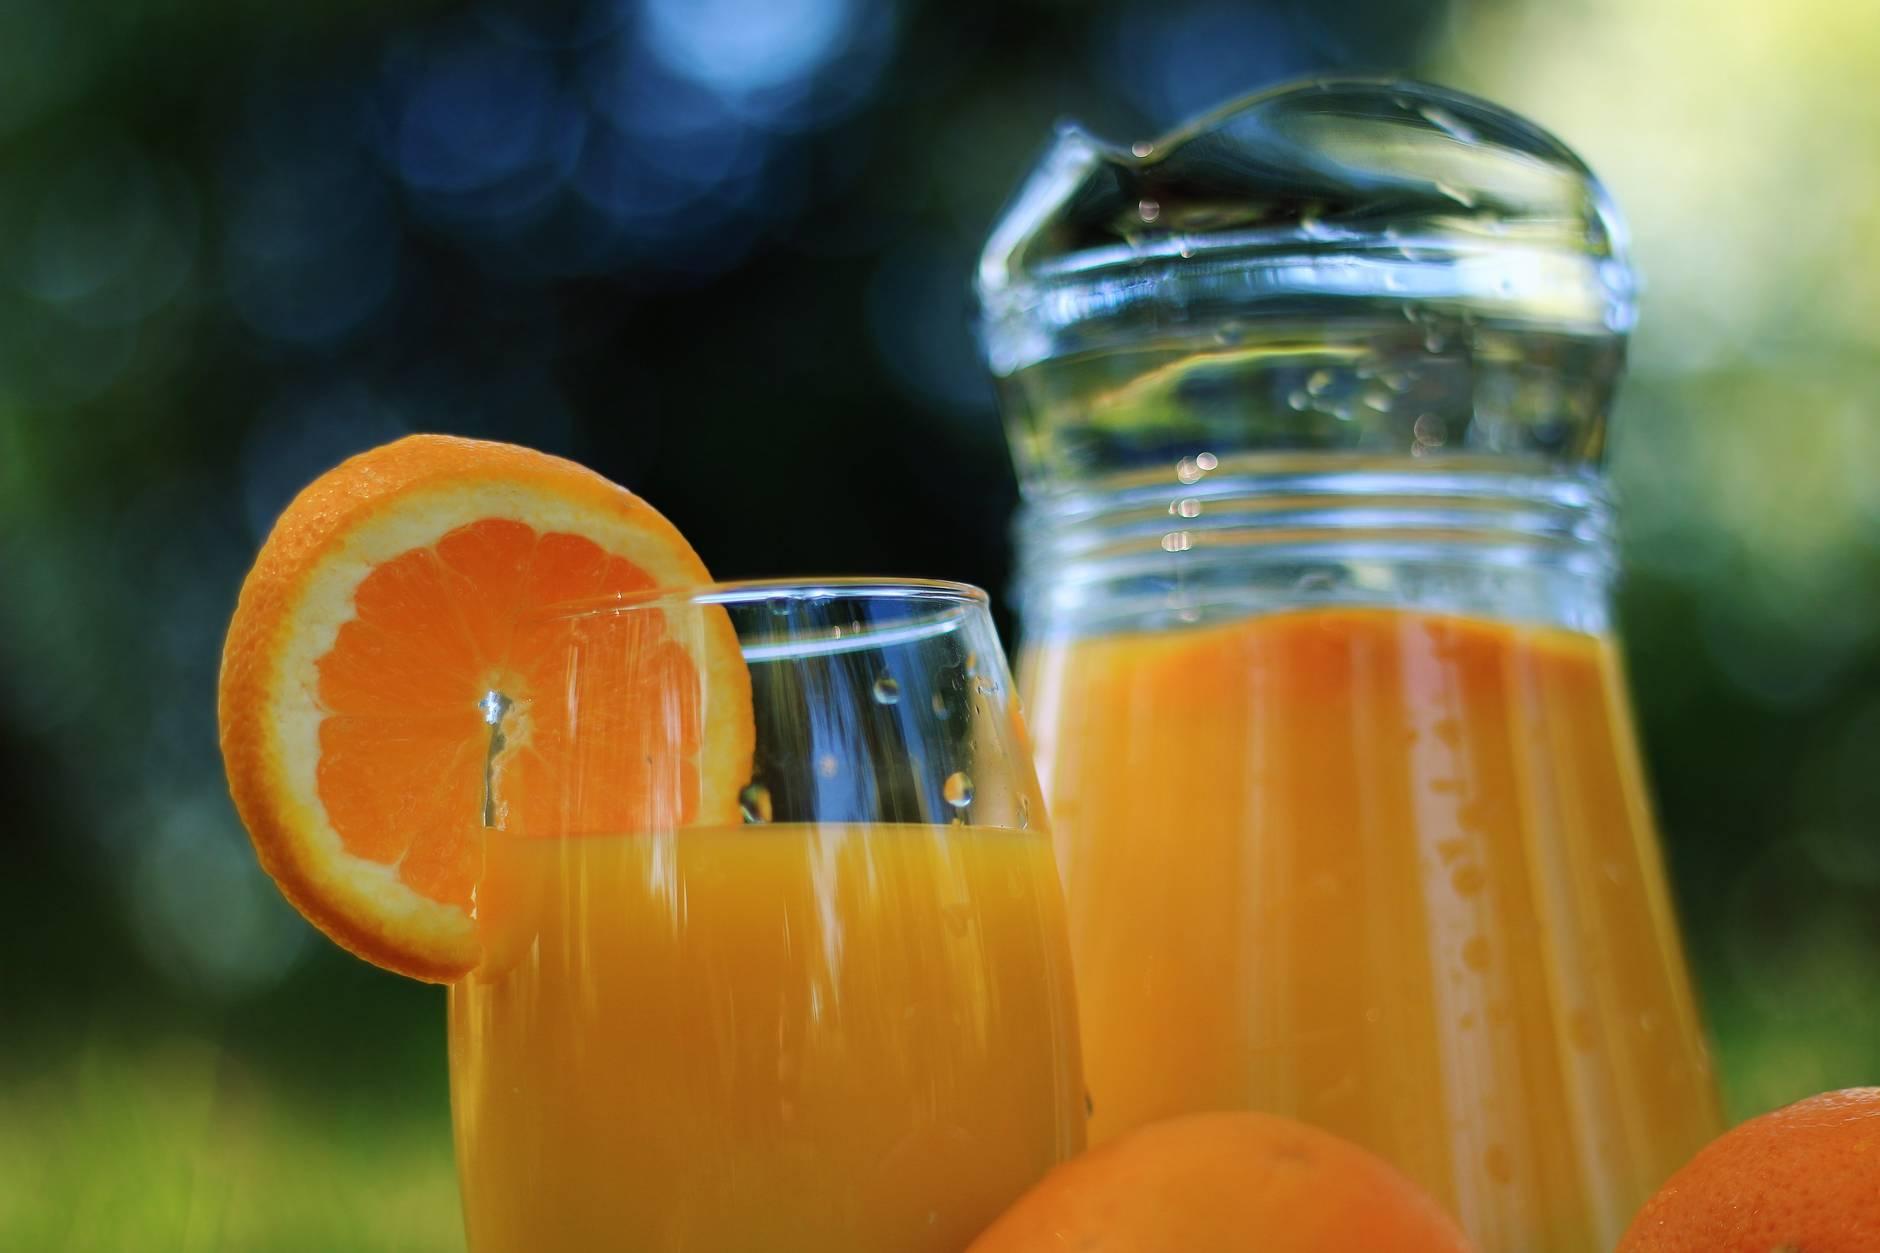 healthy-breakfast-orange-juice-health.jpg